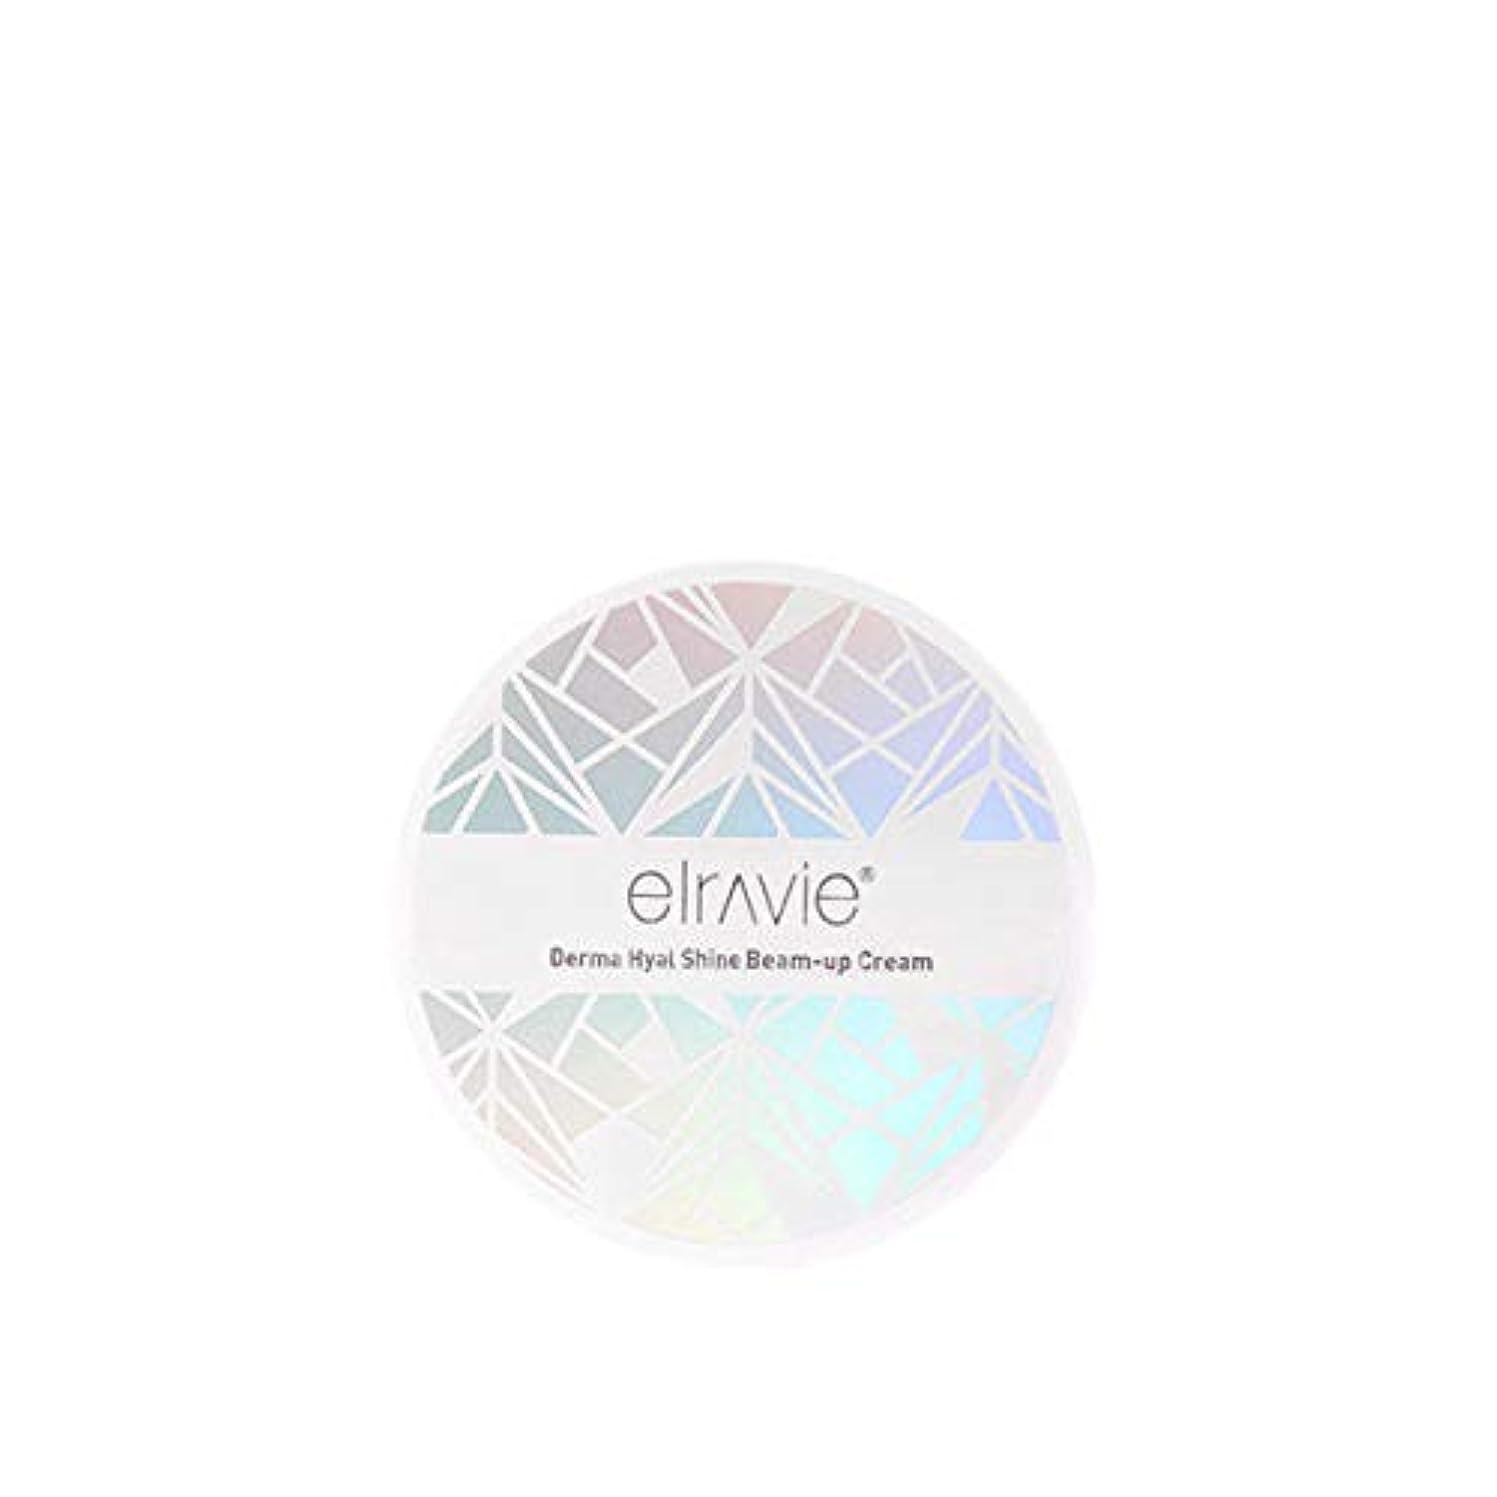 セラフようこそ自我エラヴィー[Elravie] ダーマヒアルロン酸 輝くビームアップクリーム15g / Derma Hyal Shine Beam-up Cream